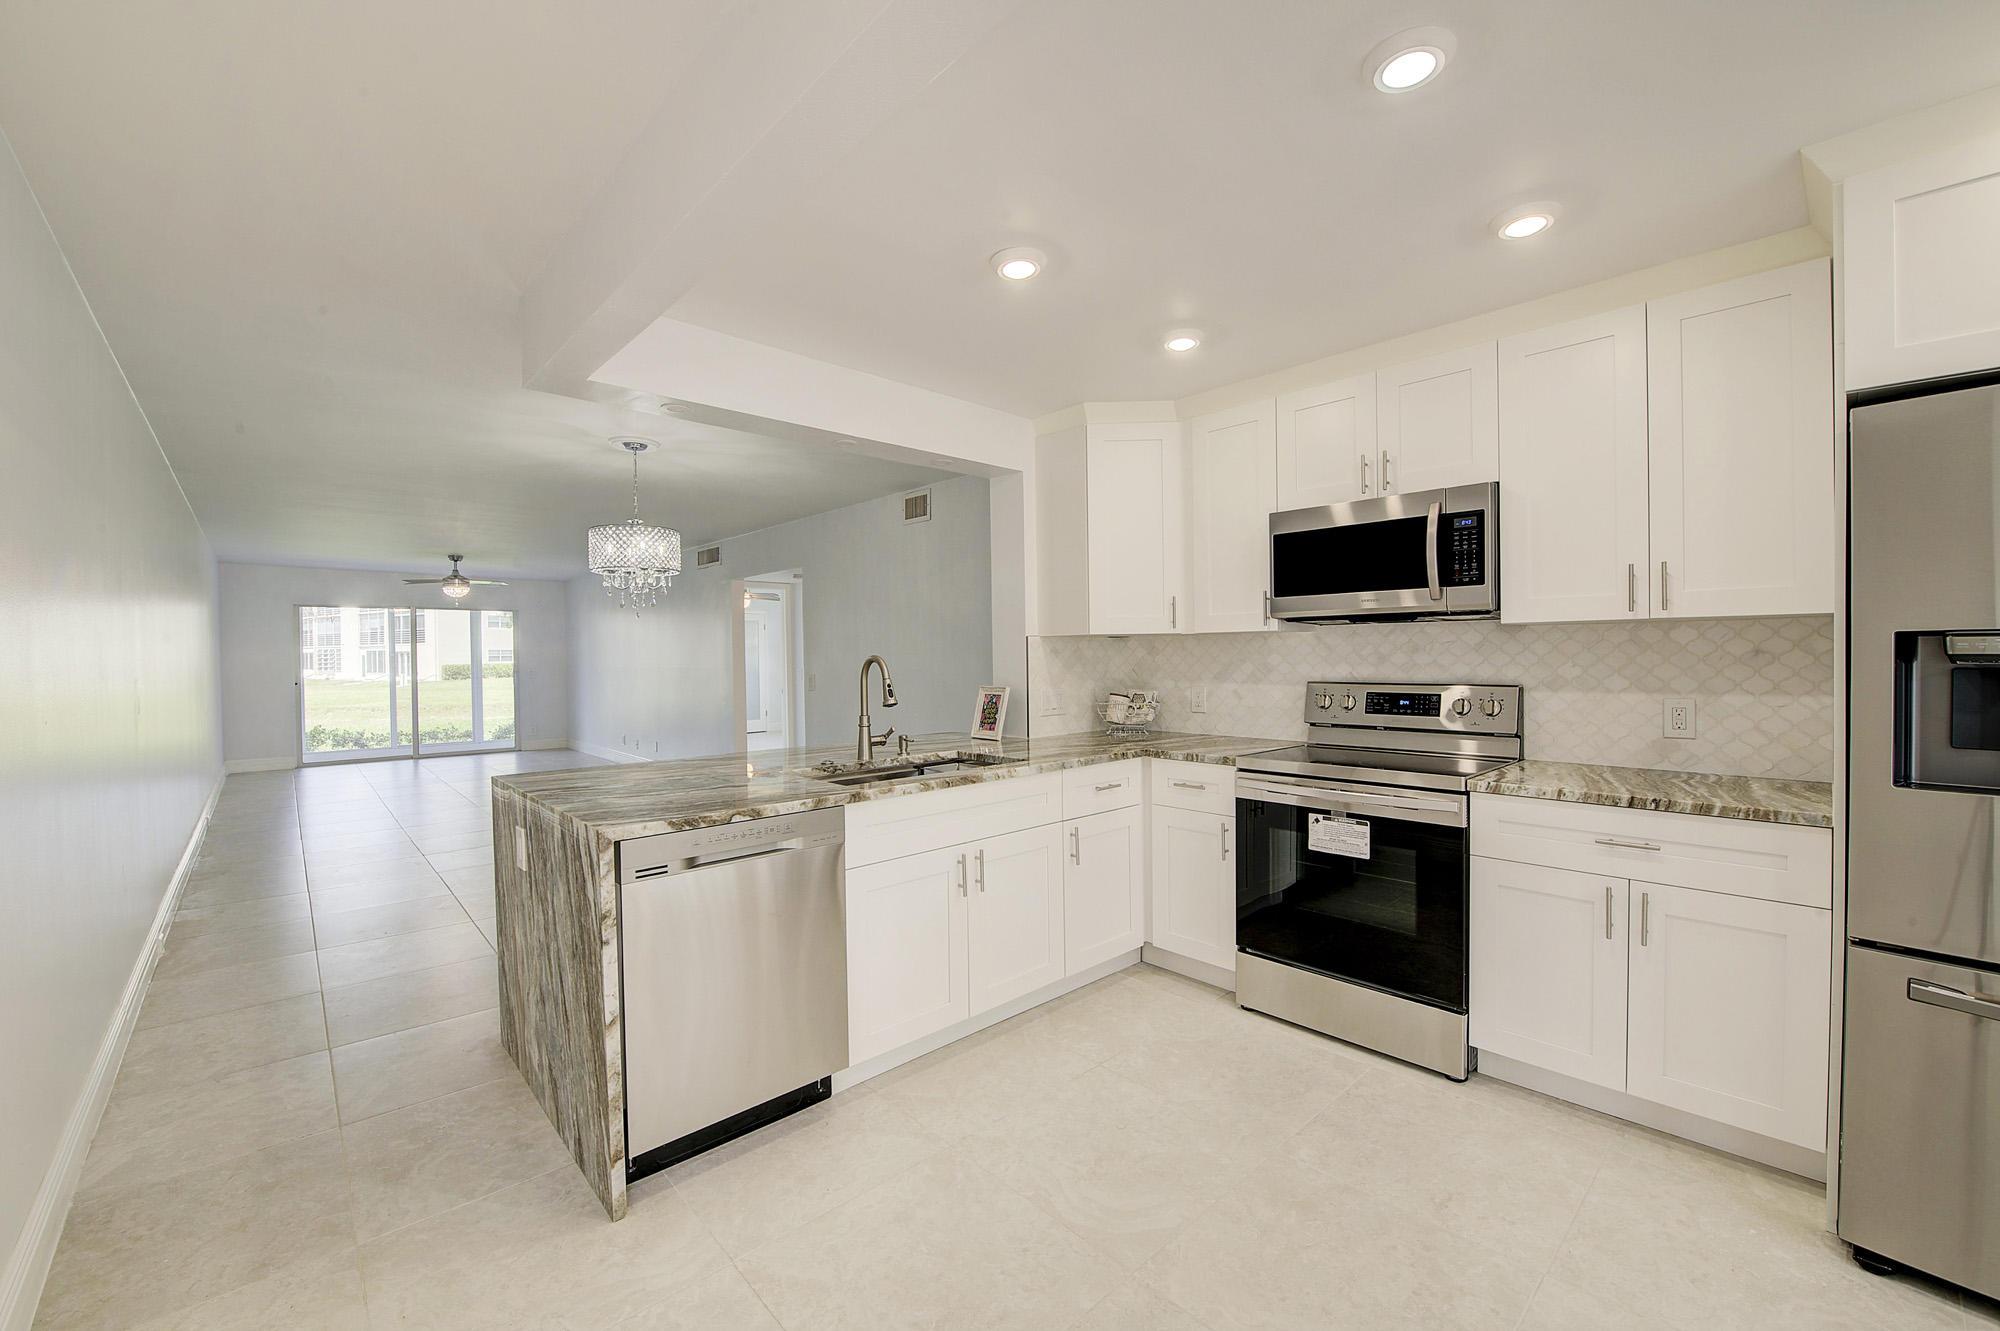 Details for 1037 Guildford C, Boca Raton, FL 33434